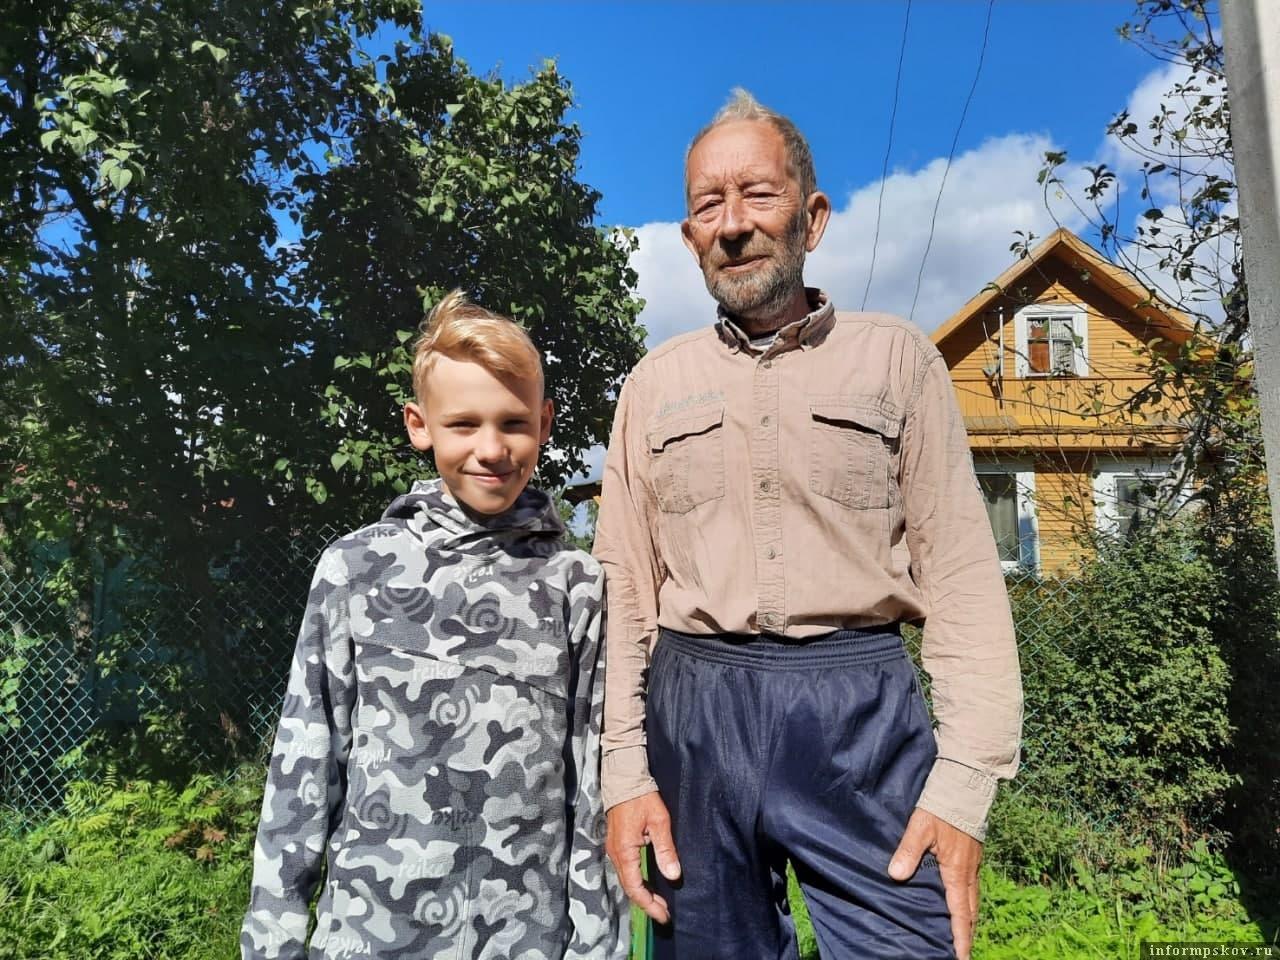 Фото Ксении Волковой. Вместе с дедушкой Женей внук Рома без раздумий отправился на выручку потеряшкам.